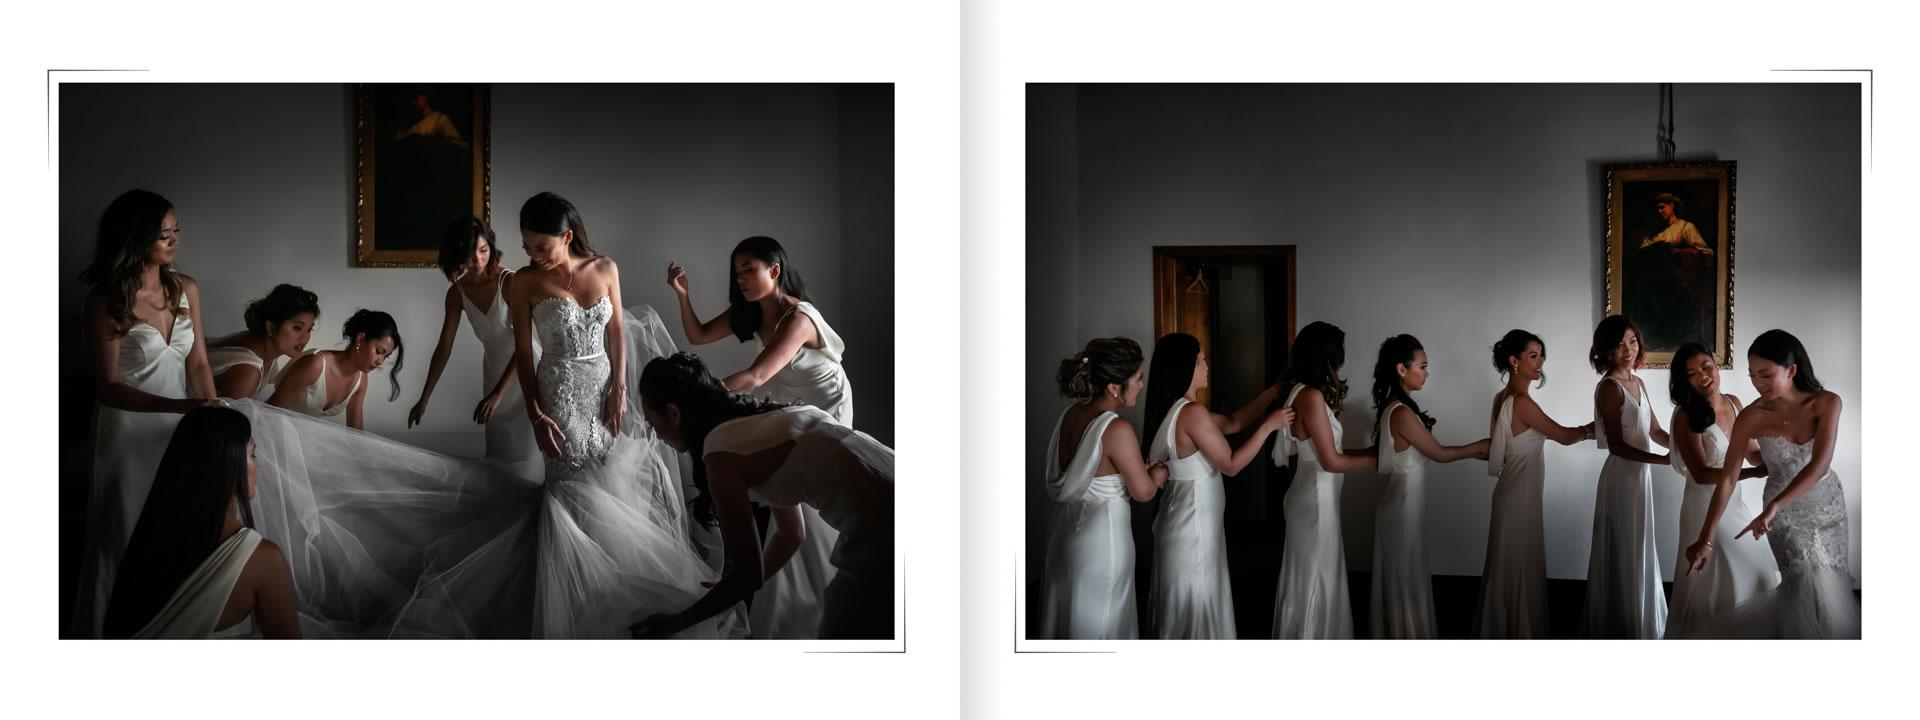 villa-di-maiano-david-bastianoni-photographer-00007 - 7 :: Wedding at Villa di Maiano :: Luxury wedding photography - 6 :: villa-di-maiano-david-bastianoni-photographer-00007 - 7